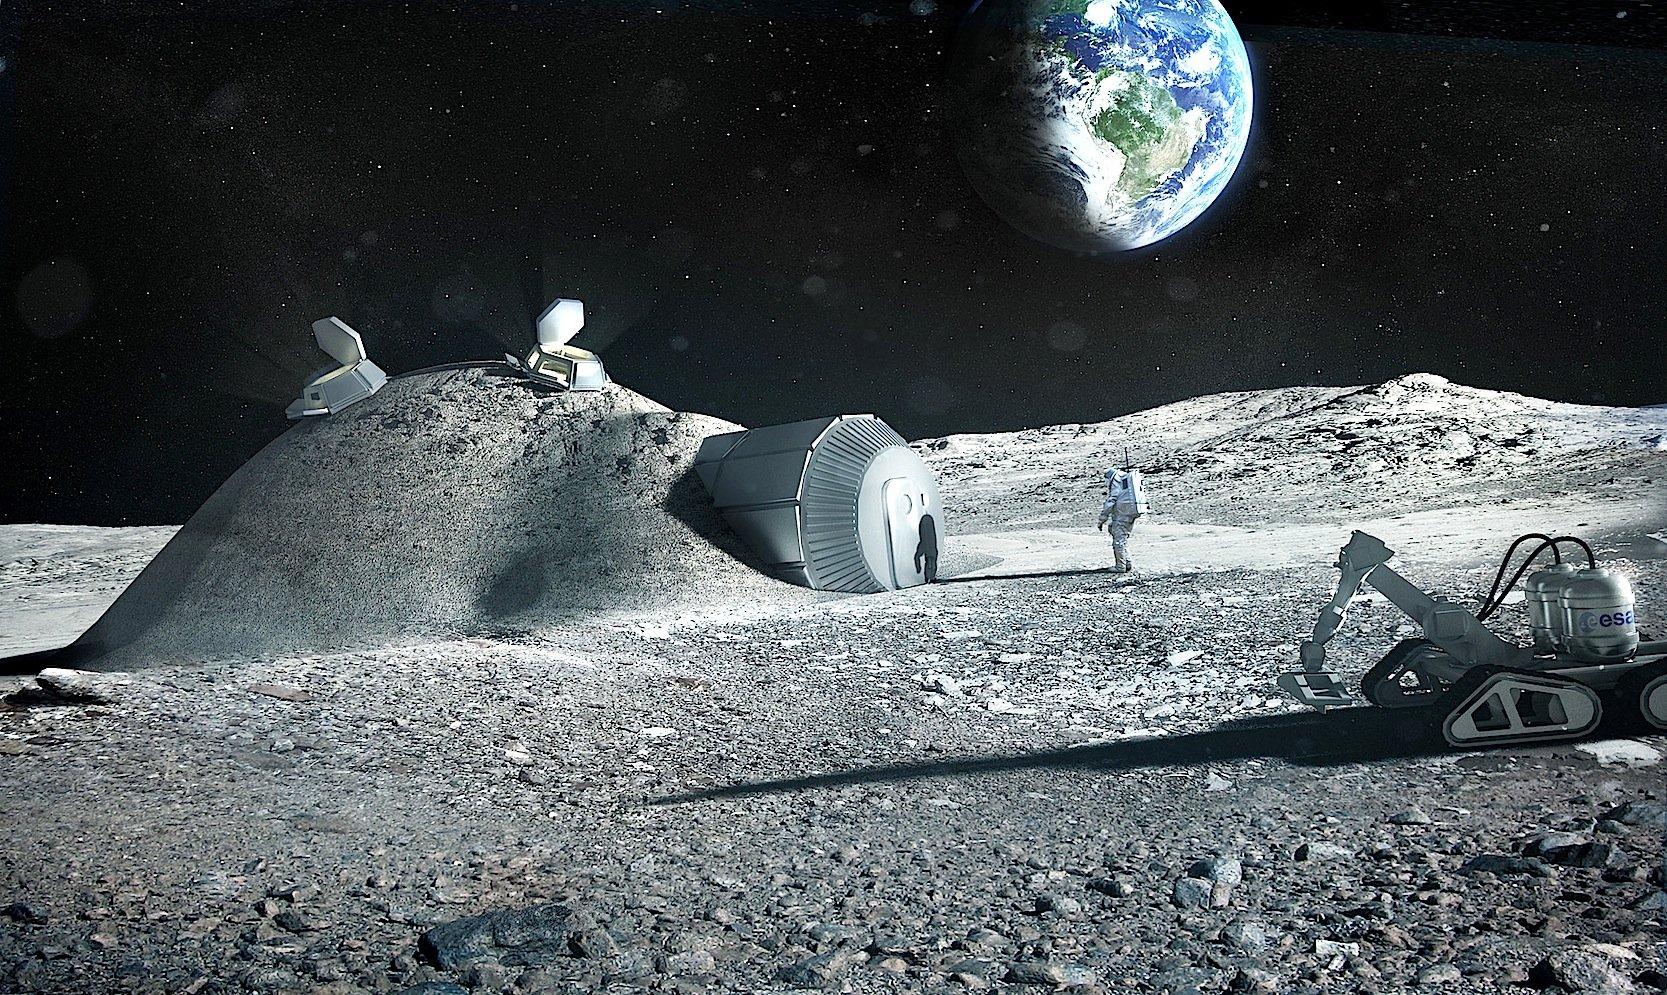 So stellen sich die ESA und das Architekturbüro Foster + Partners eine mögliche Raumstation auf dem Mond vor. Sie soll mithilfe von 3D-Druckverfahren entstehen.